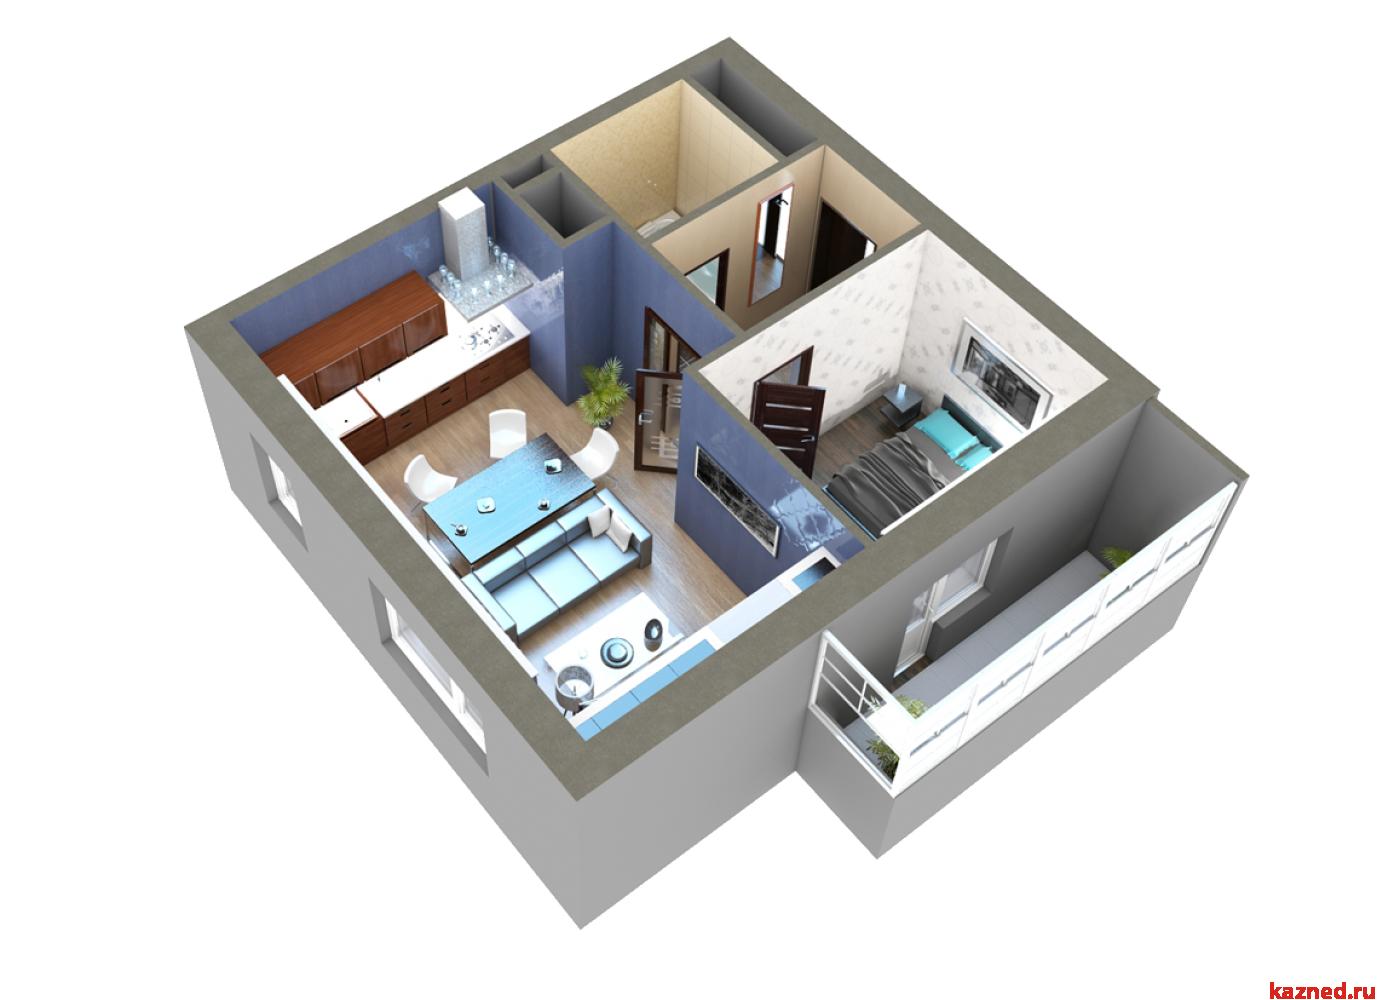 Продажа 2-к квартиры Мамадышский тракт, 45 м2  (миниатюра №14)